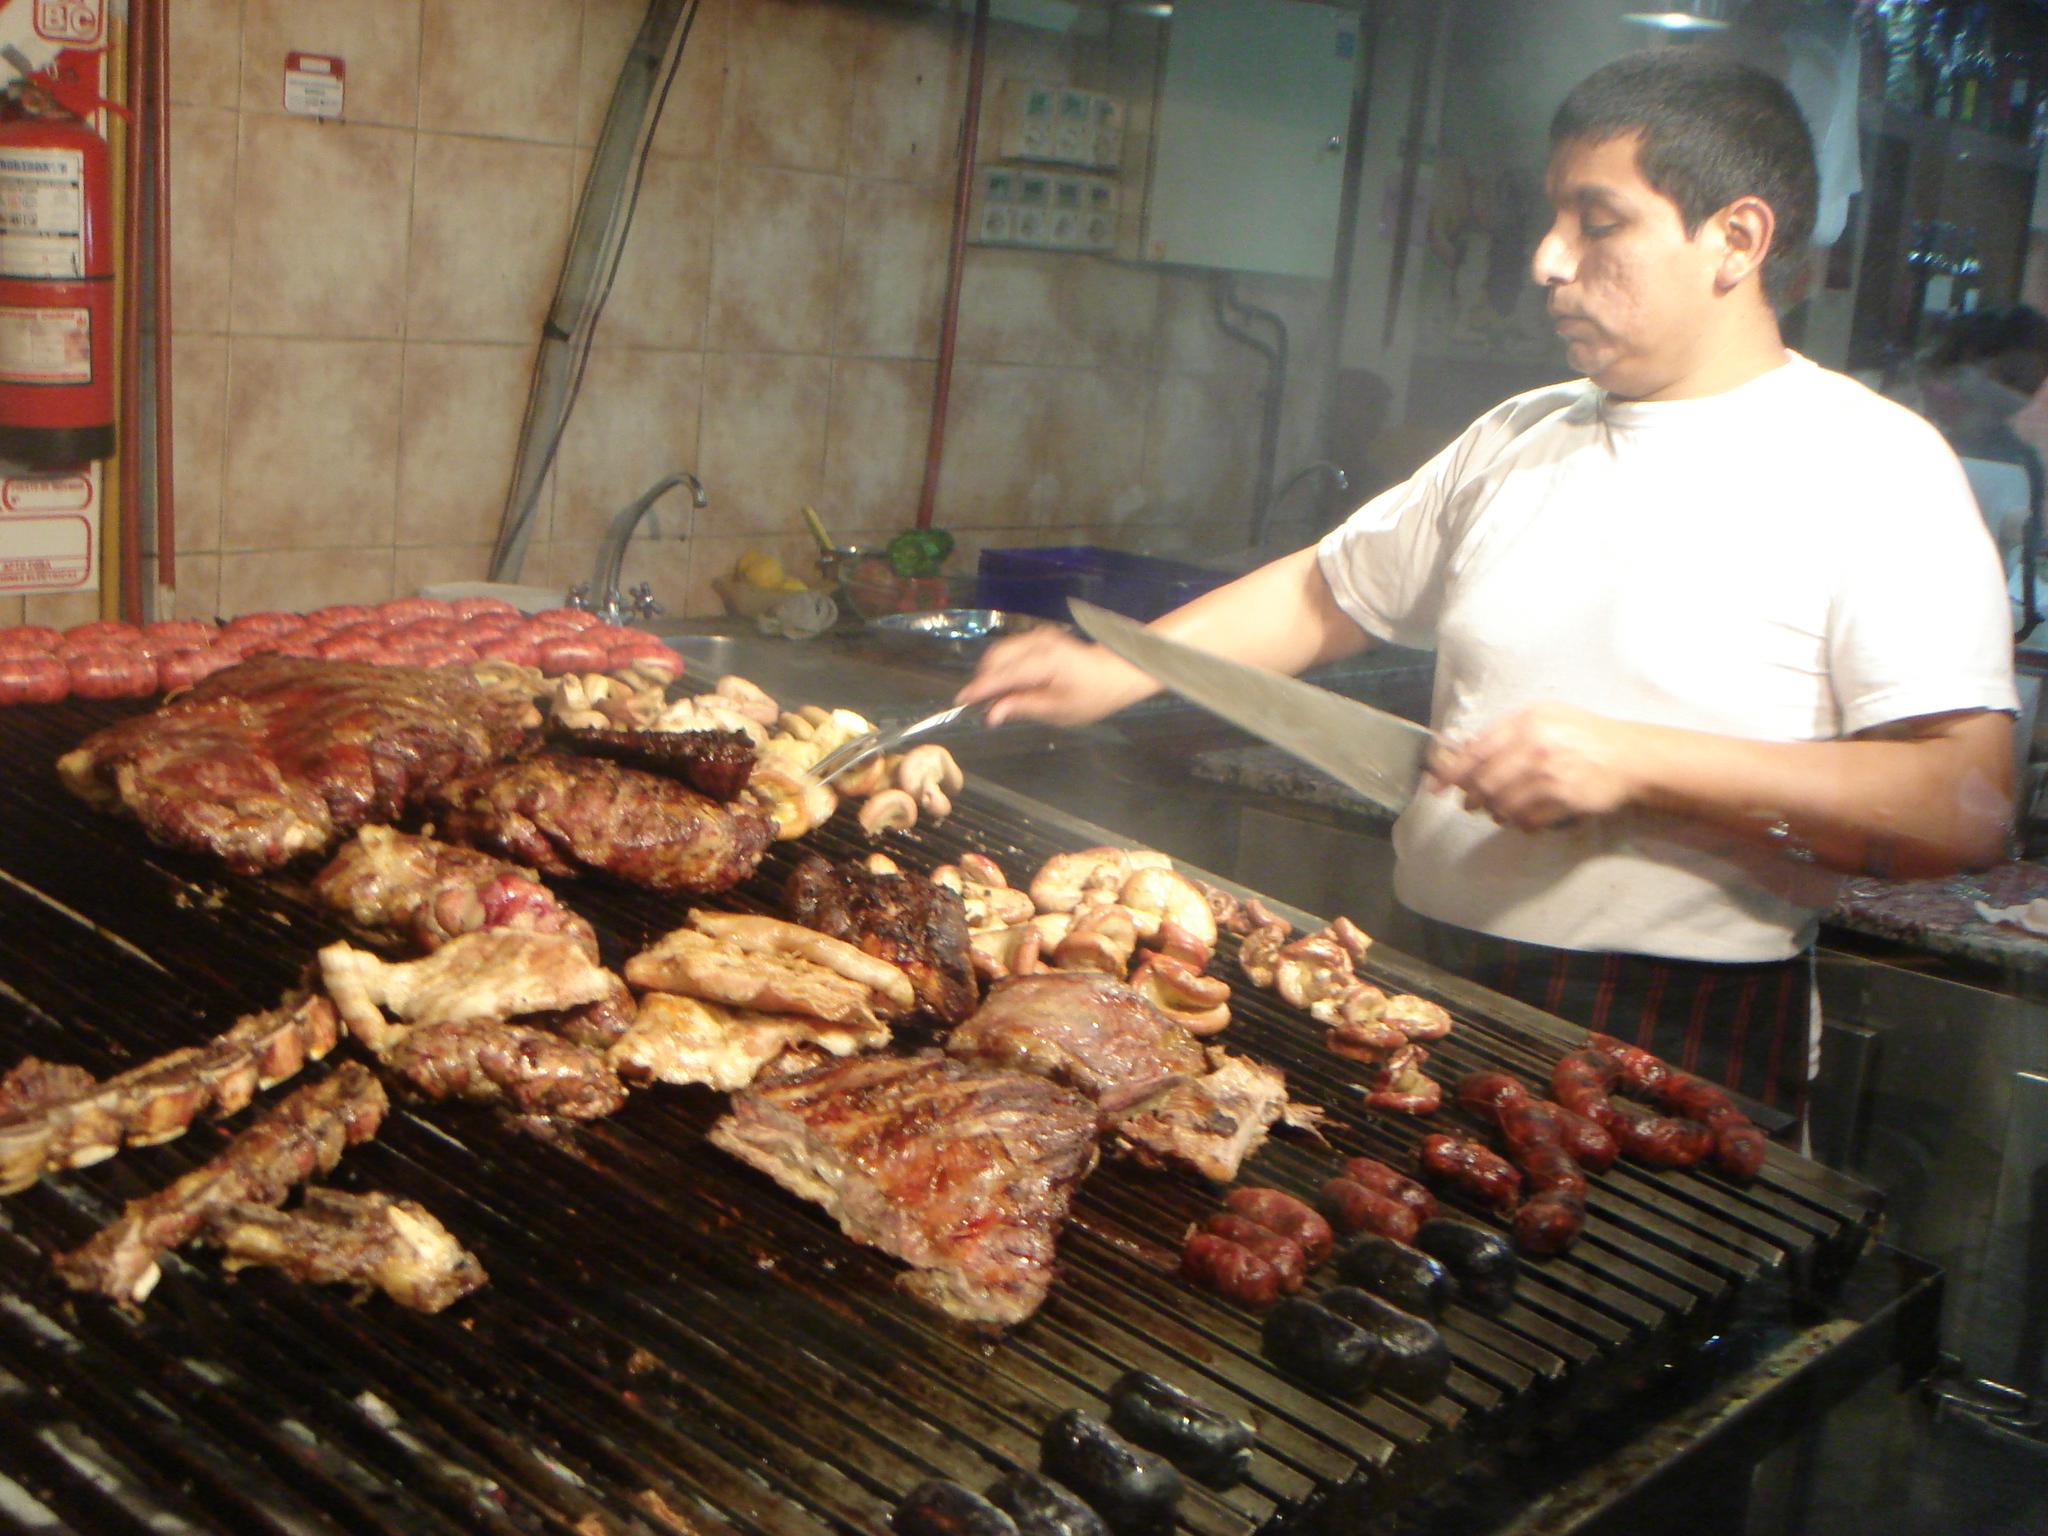 beef そこへいくと、アメリカに比べて物価の安いアルゼンチンはブエノスアイレス。... ニュー